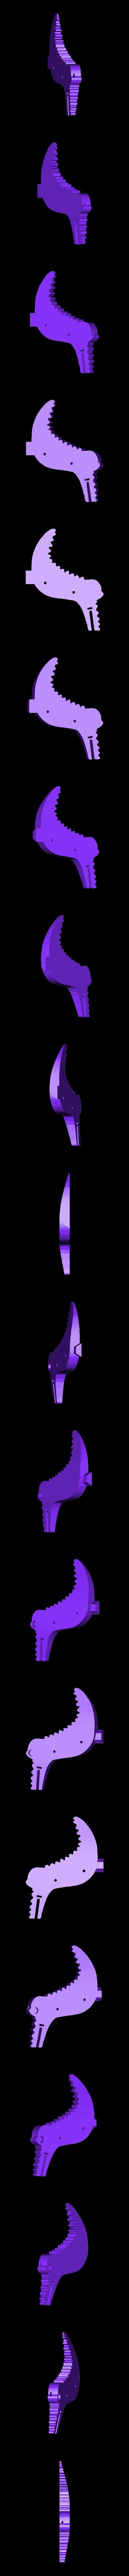 LeftBody.stl Télécharger fichier STL gratuit Crocodile Prusa Edition Crocodile • Objet à imprimer en 3D, DK7